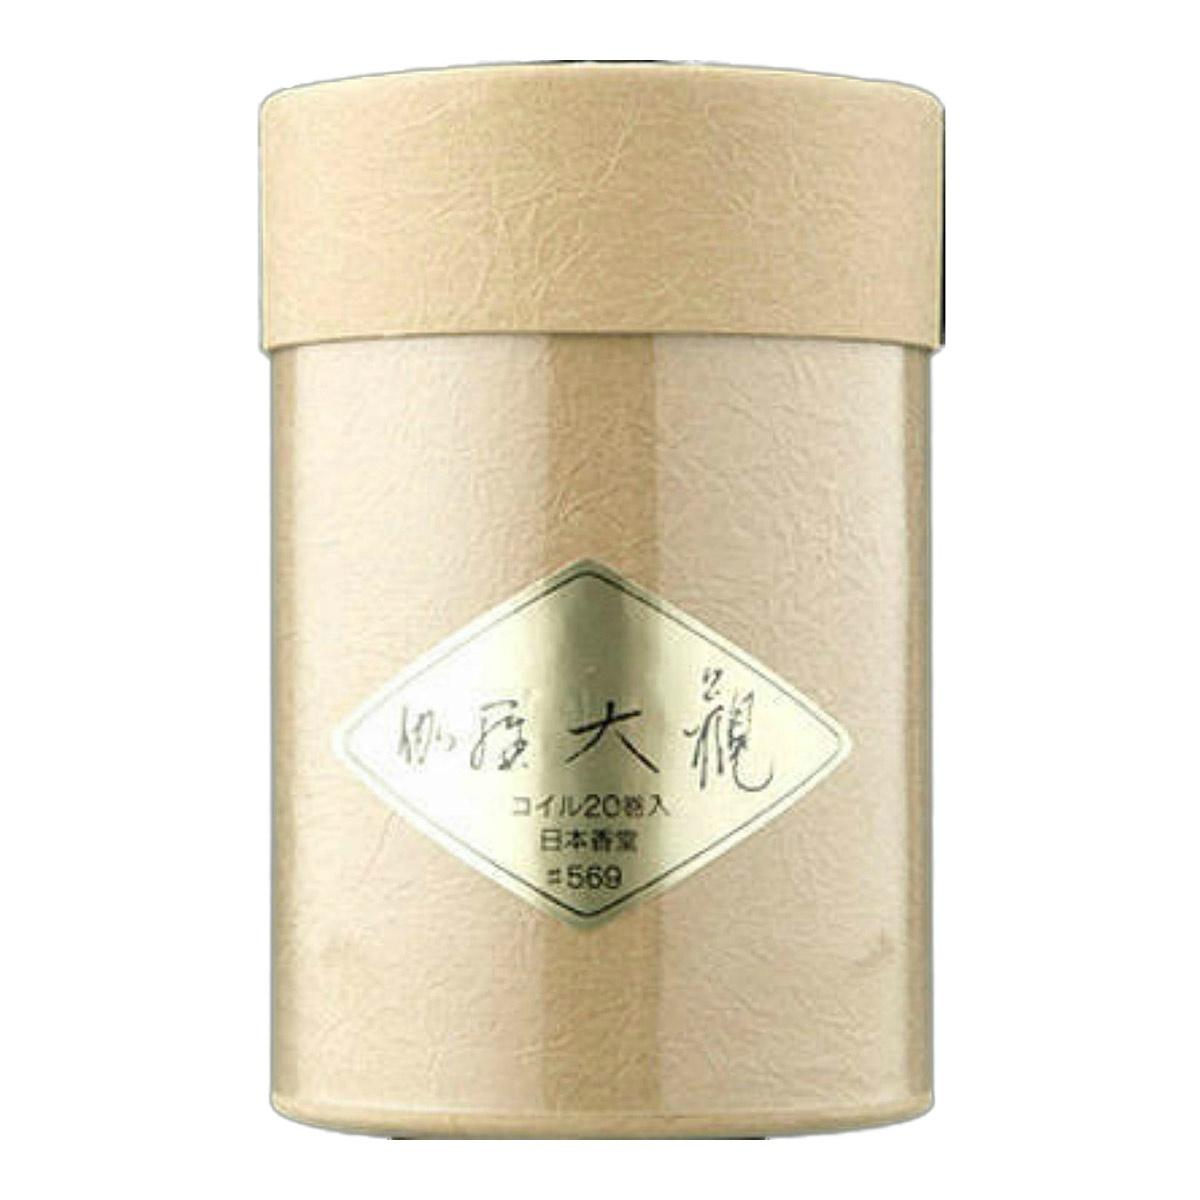 至上の宝 とされた香木 伽羅の深遠な香り 最安値 香りの王者が誇る幽玄の香り 4902125569003 送料込 伽羅大観 お香 20巻入 コイル 日本香堂 まとめ買い×10個セット 予約販売